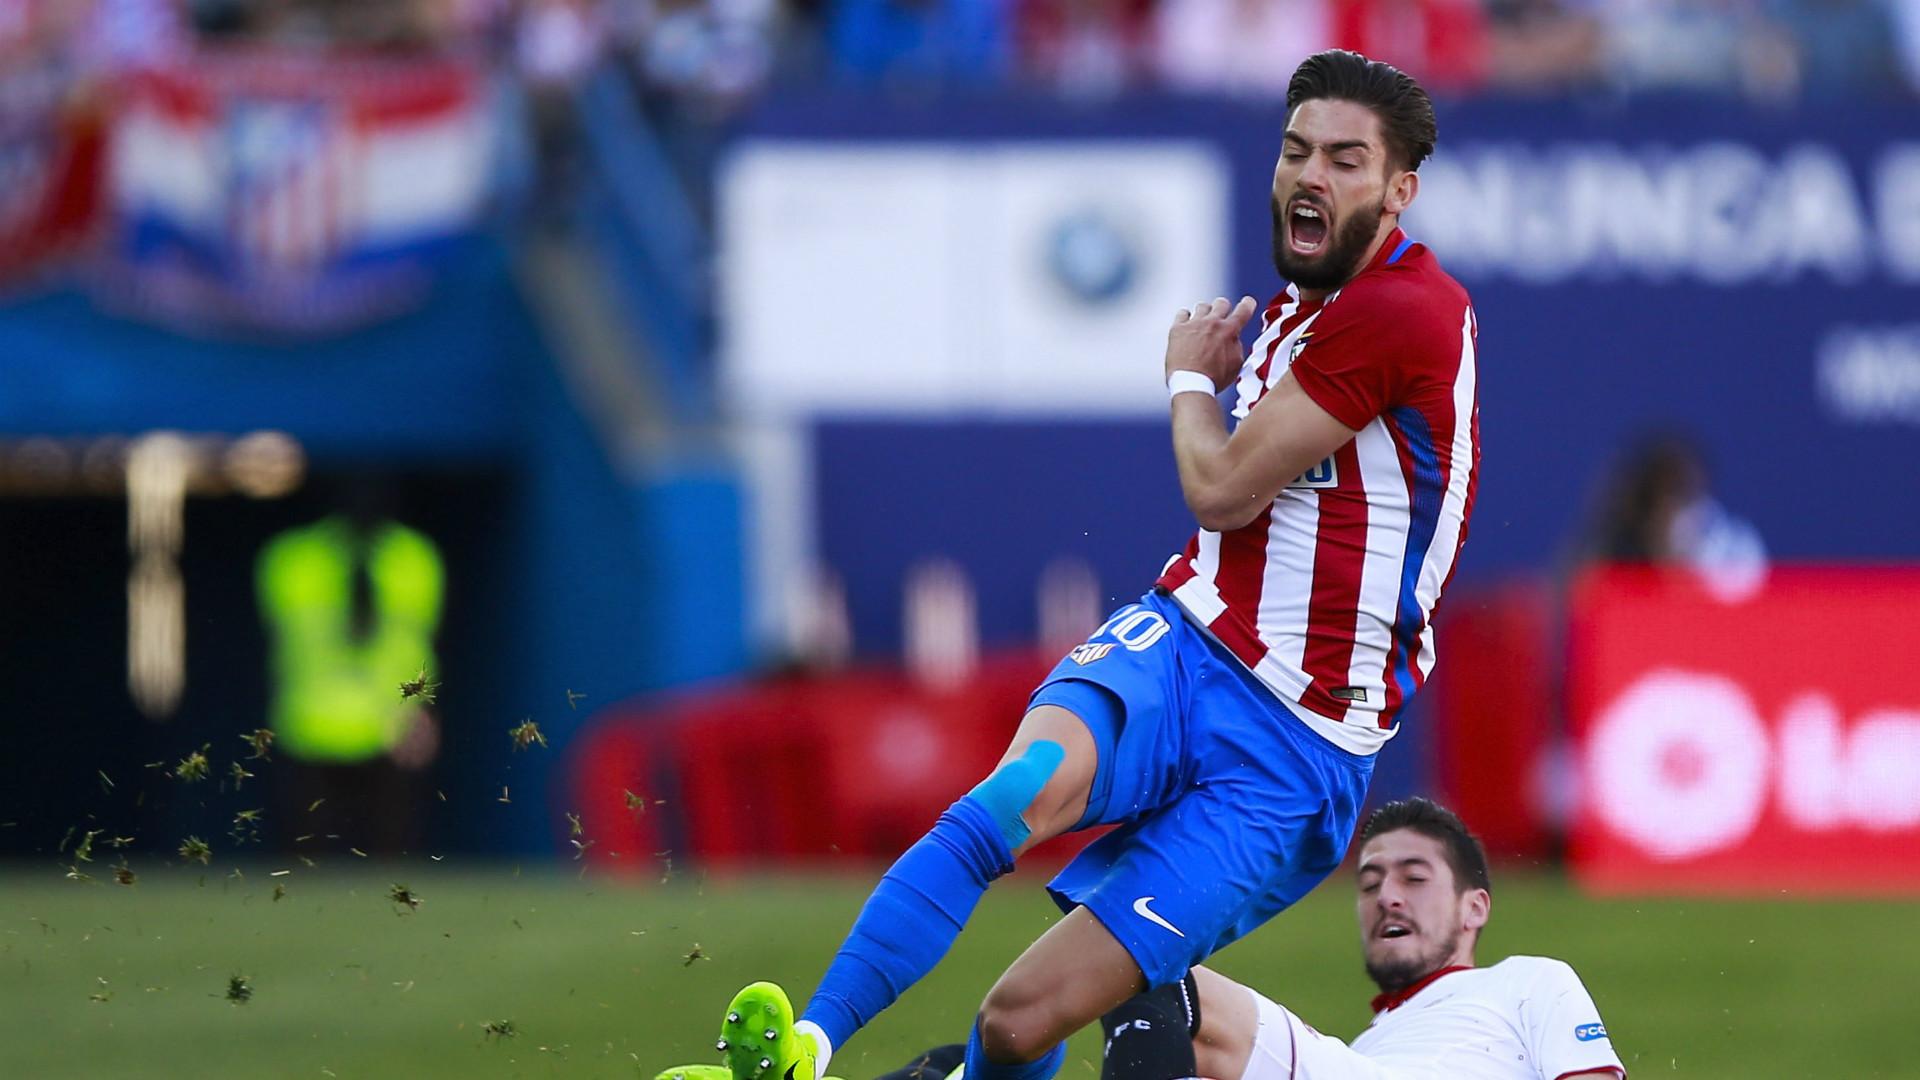 Ferreira Carrasco sufrió lesión en la clavícula derecha — LaLiga Santander